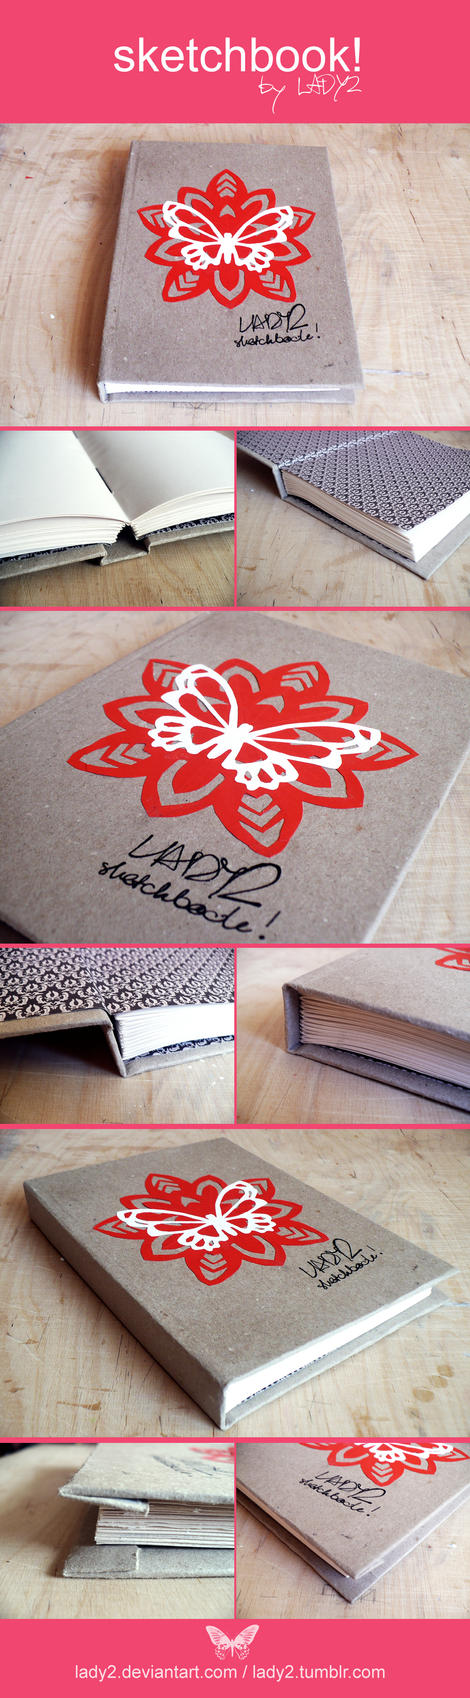 sketchBook. by Lady2